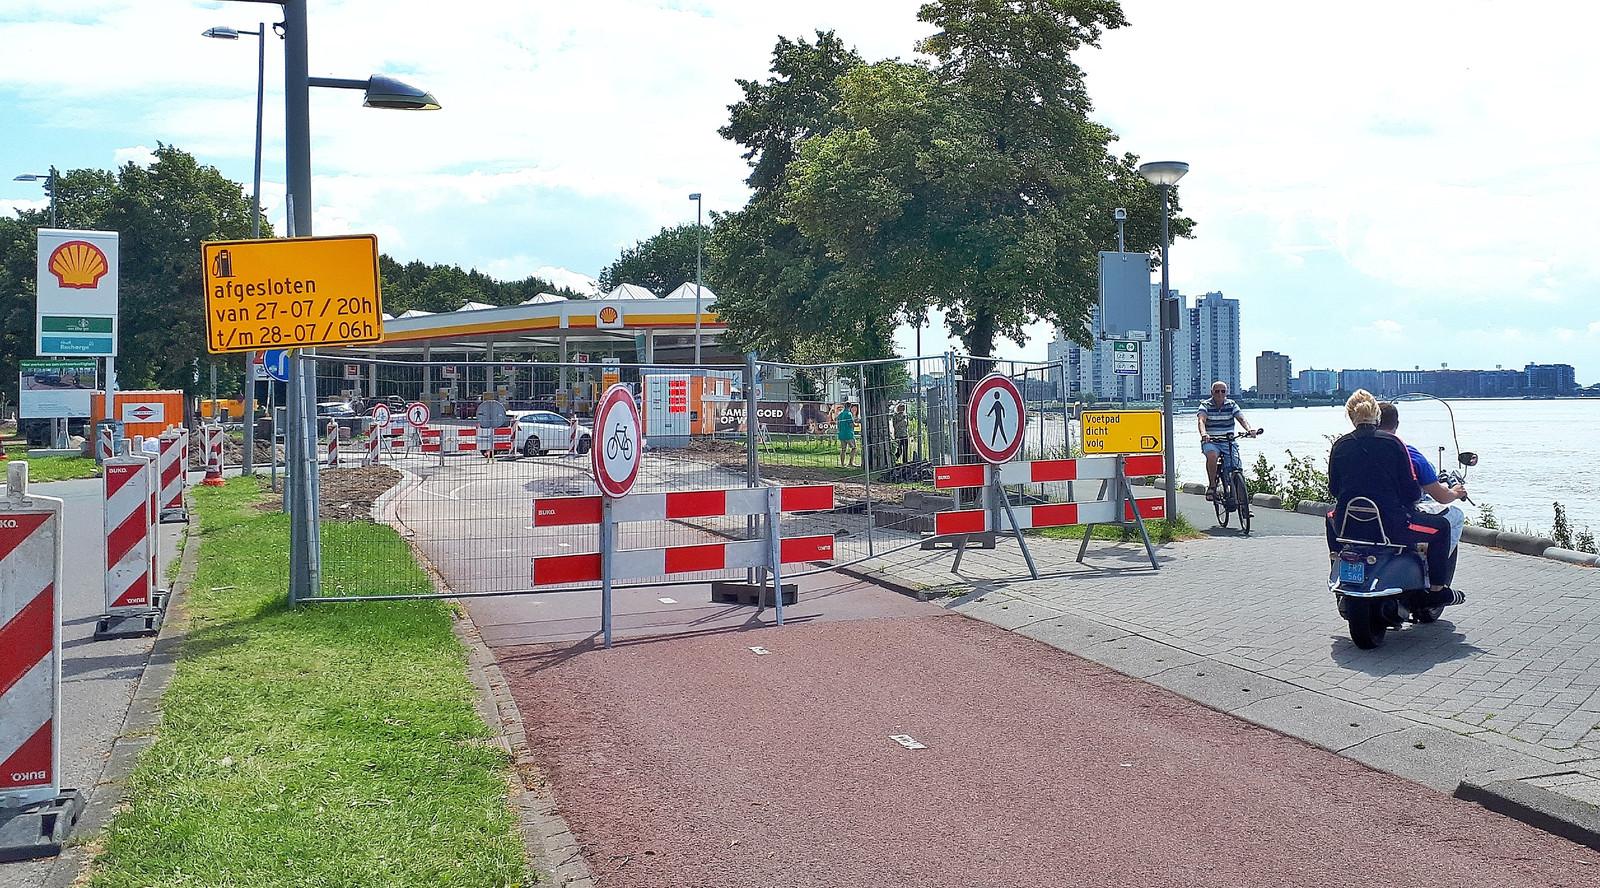 De klus is bijna geklaard. Het bochtige fietspad op de Rotterdamse Maasboulevard is 'strakgetrokken' en voor auto's naar het tankstation komen drempels zoals ze moeten afremmen.